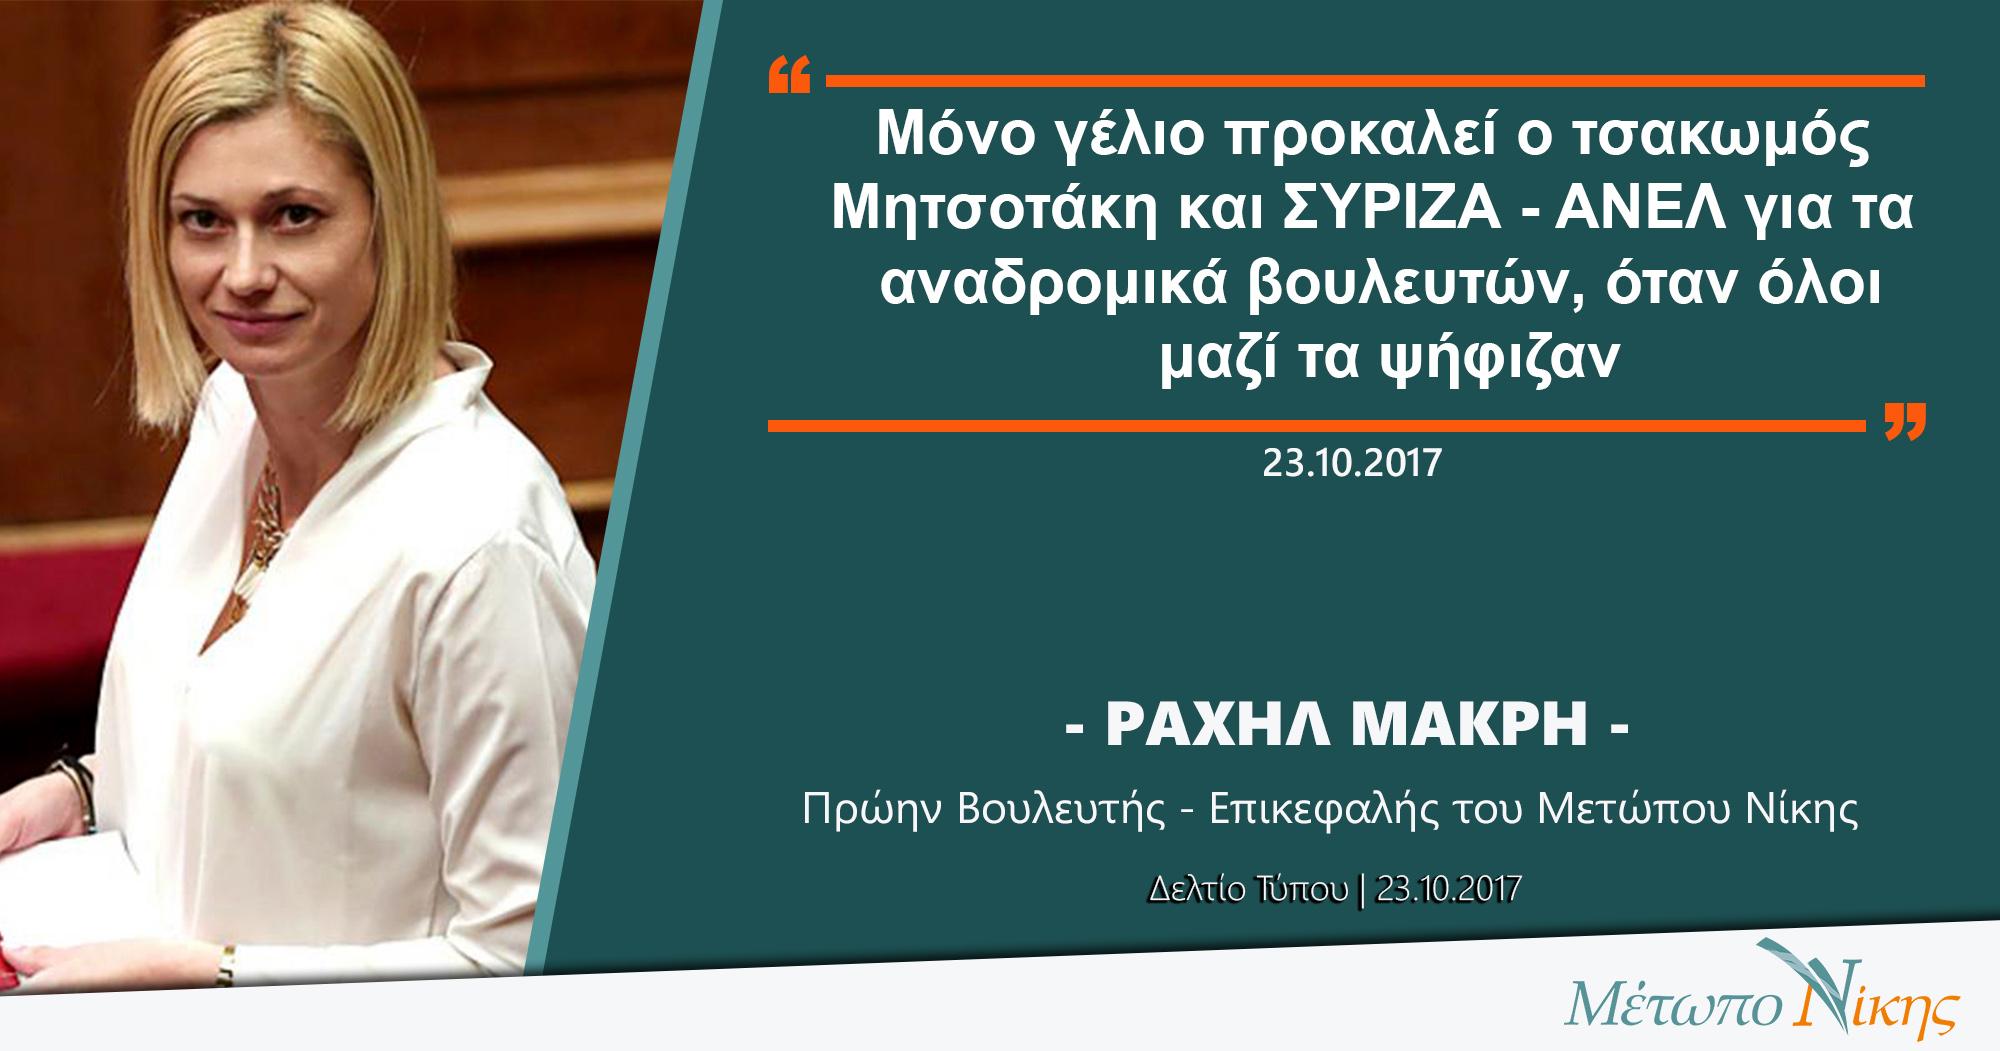 Ραχήλ Μακρή: «Μόνο γέλιο προκαλεί ο τσακωμός Μητσοτάκη και ΣΥΡΙΖΑ – ΑΝΕΛ για τα αναδρομικά βουλευτών, όταν όλοι μαζί τα ψήφιζαν»